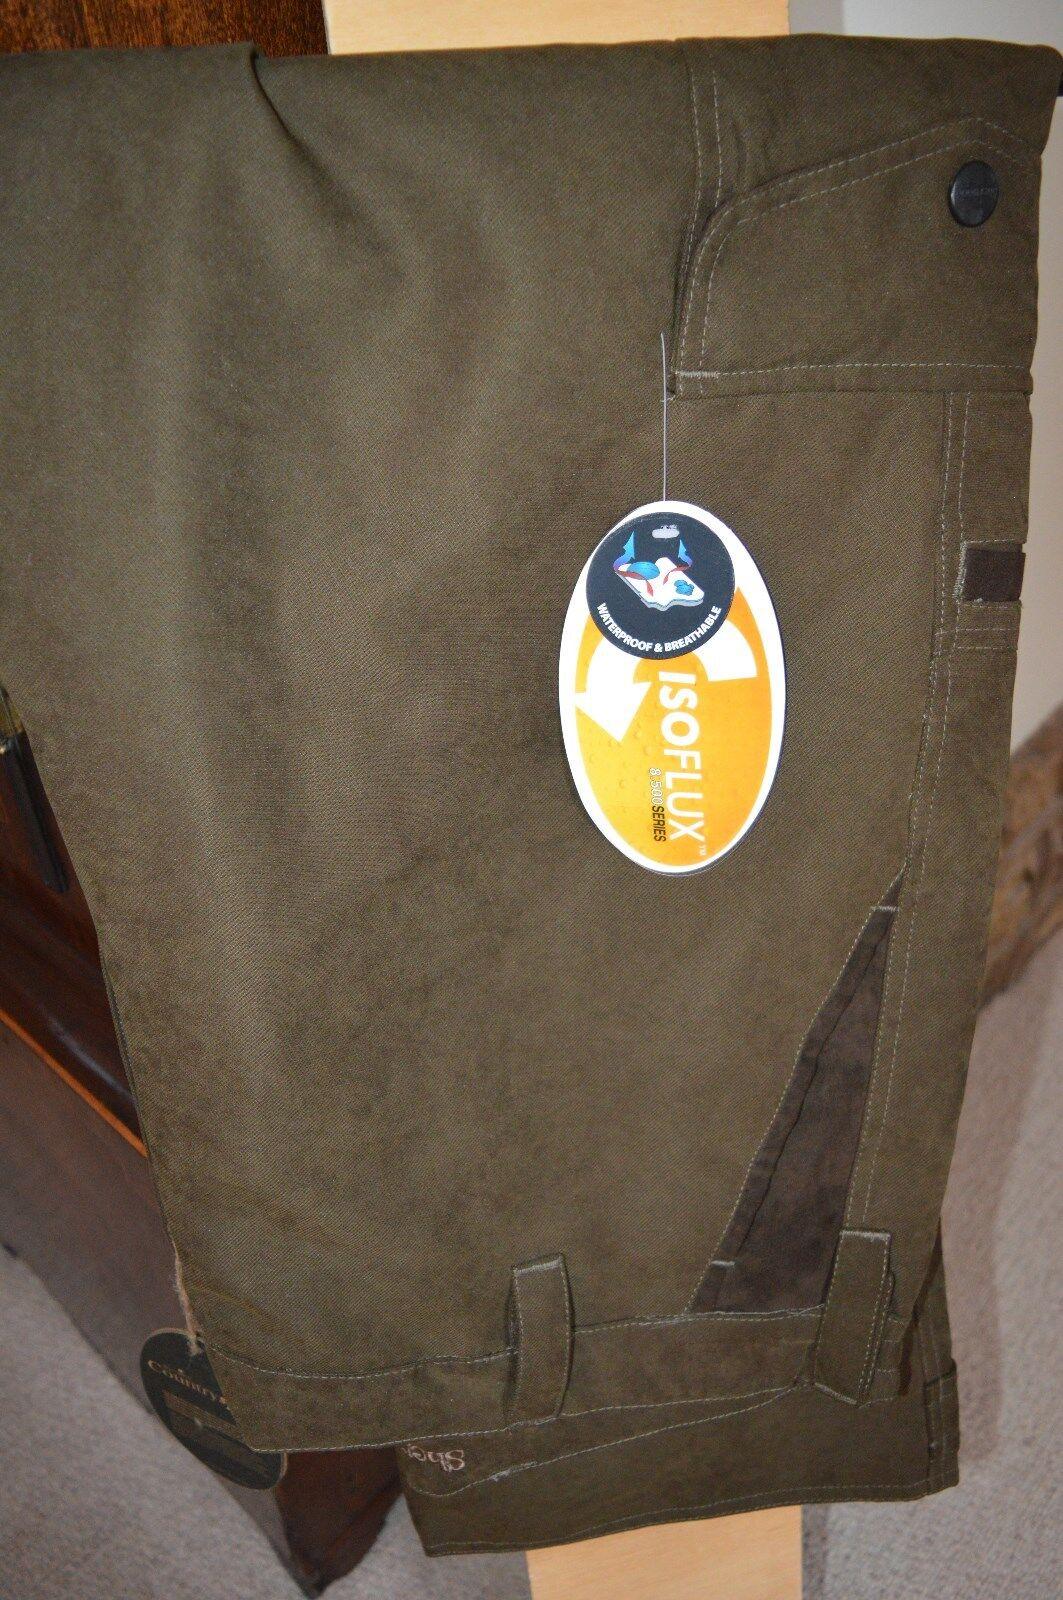 Gents Sports Field Waterproof Trousers. Sherwood Forest